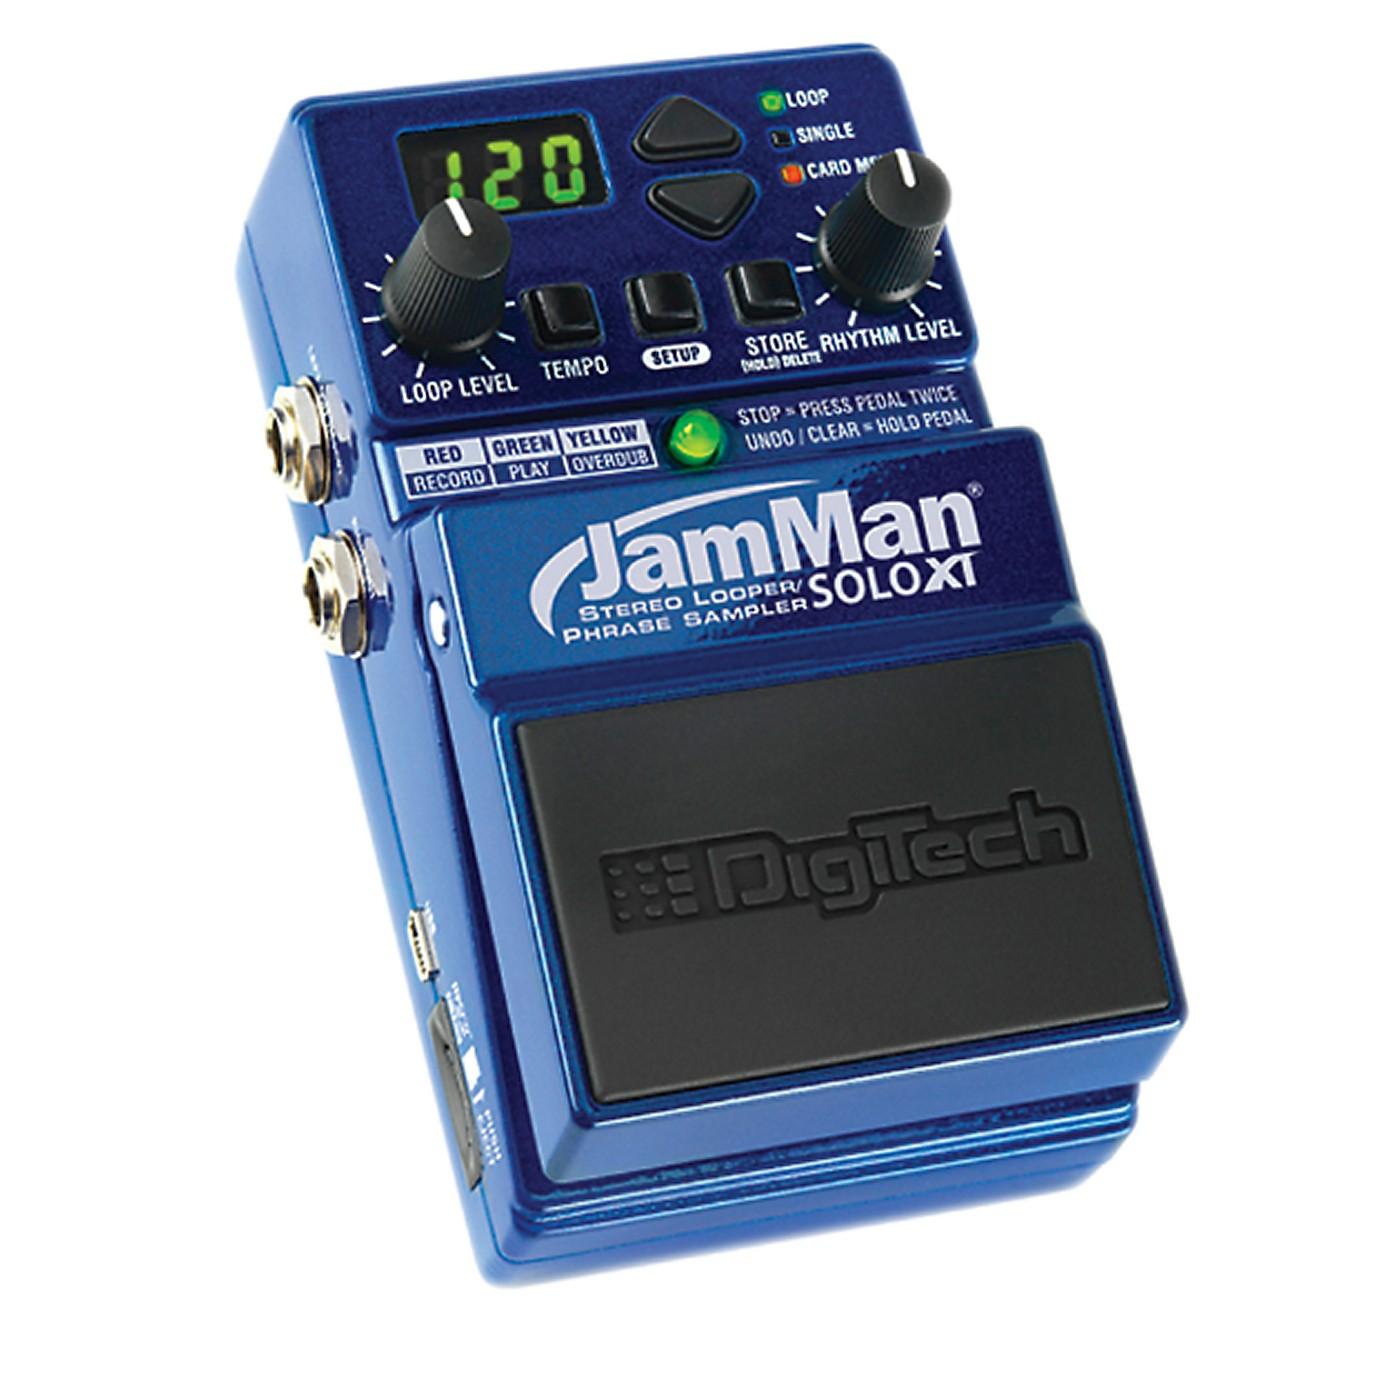 DigiTech JMSXT JamMan Solo XT - Stompbox Looper with Stereo I/O and Sync thumbnail